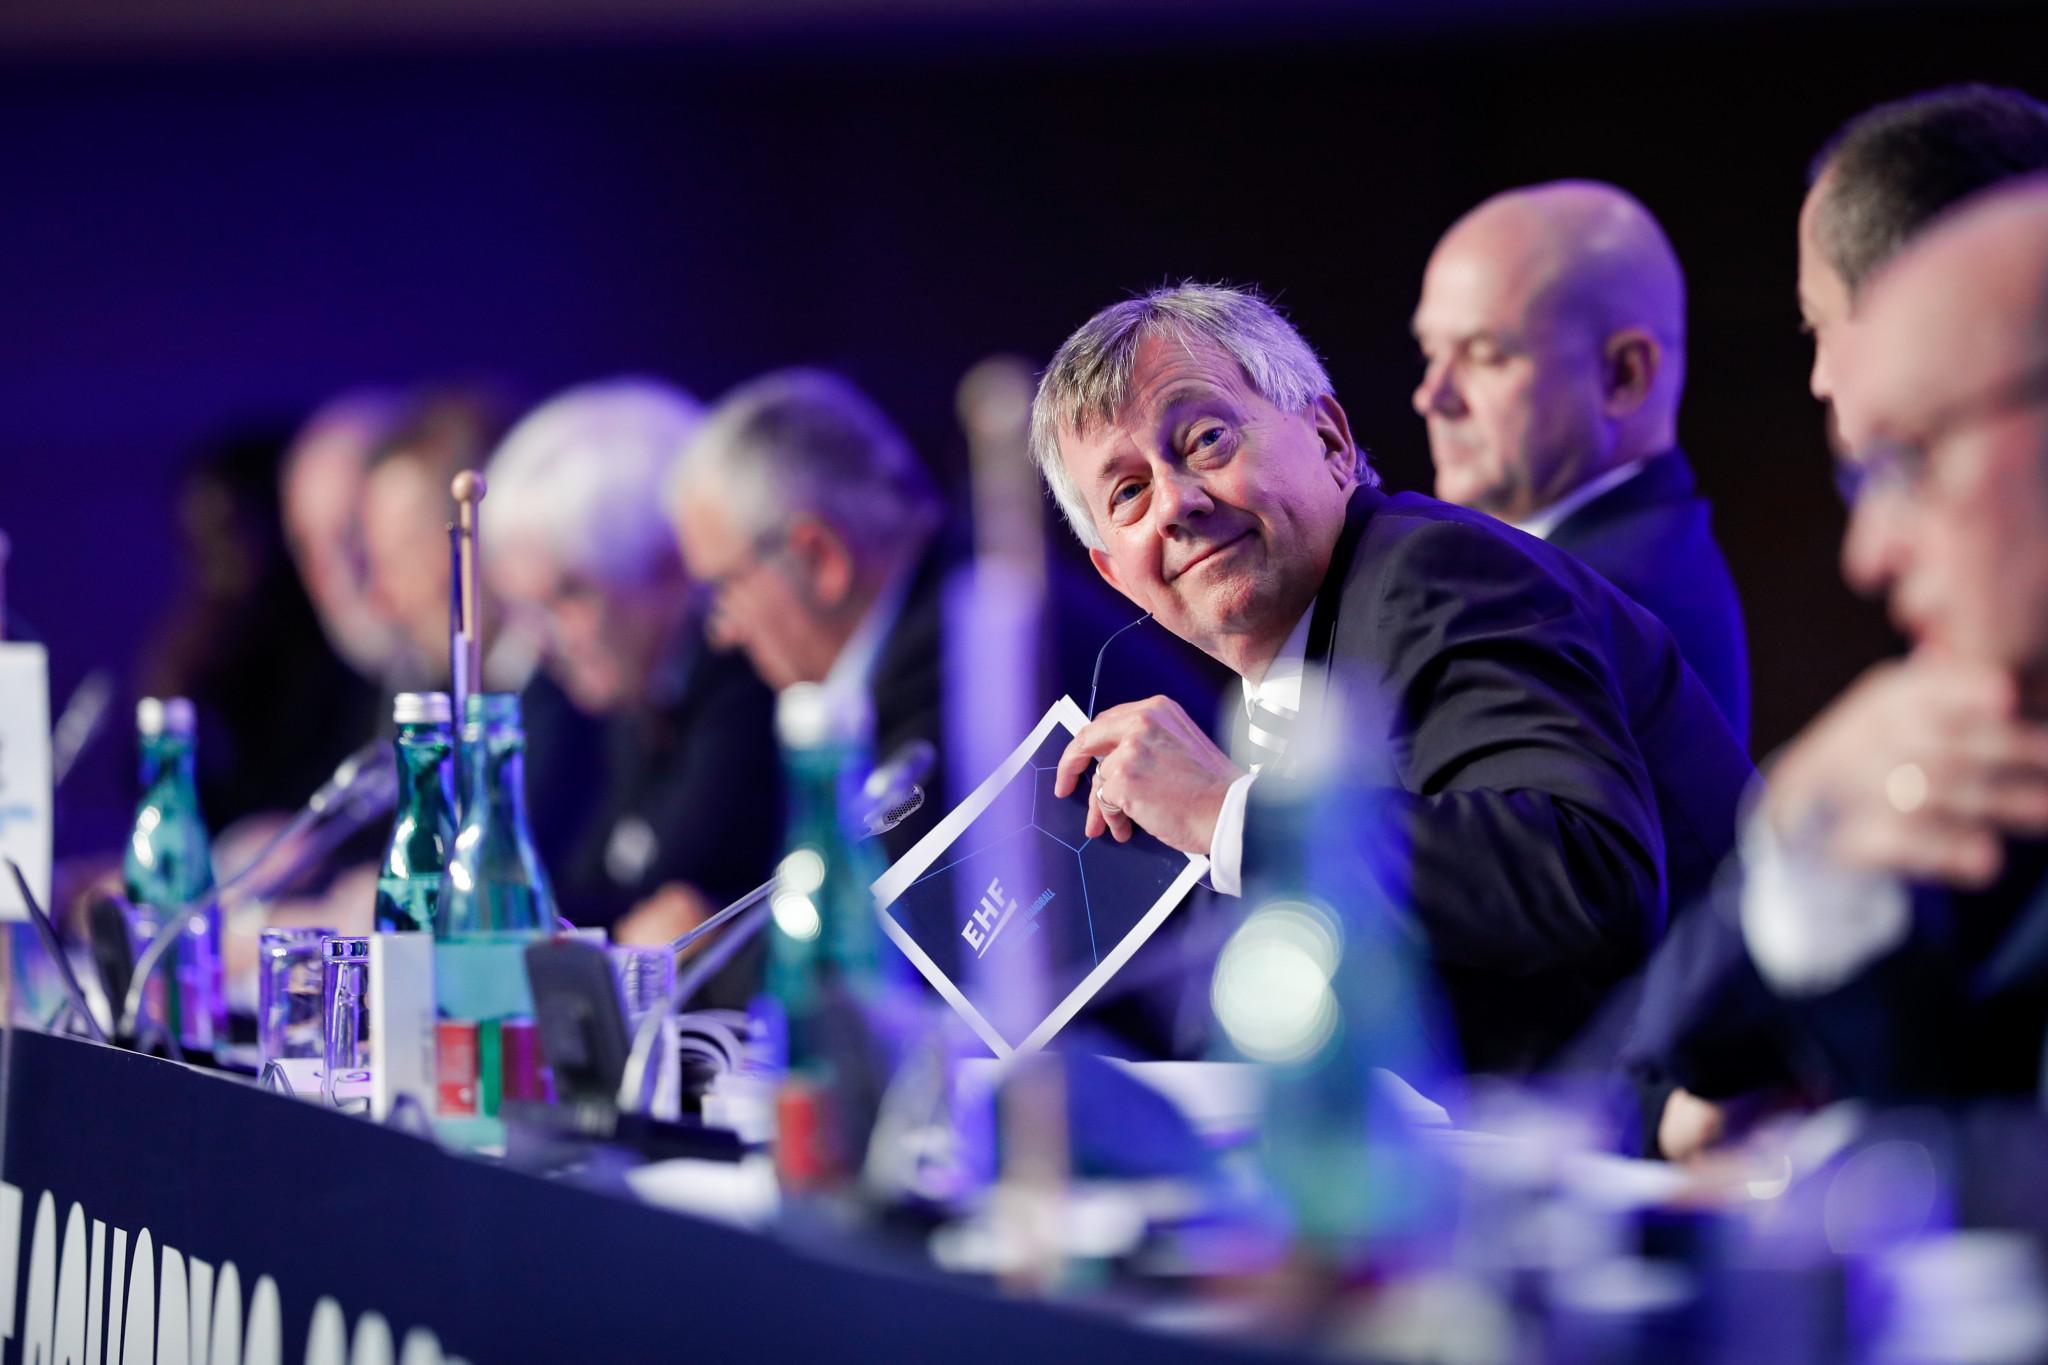 Michael Wiederer became EHF President in 2016 after serving as secretary general since 1992 ©Uros Hocevar / Kolektiffimages